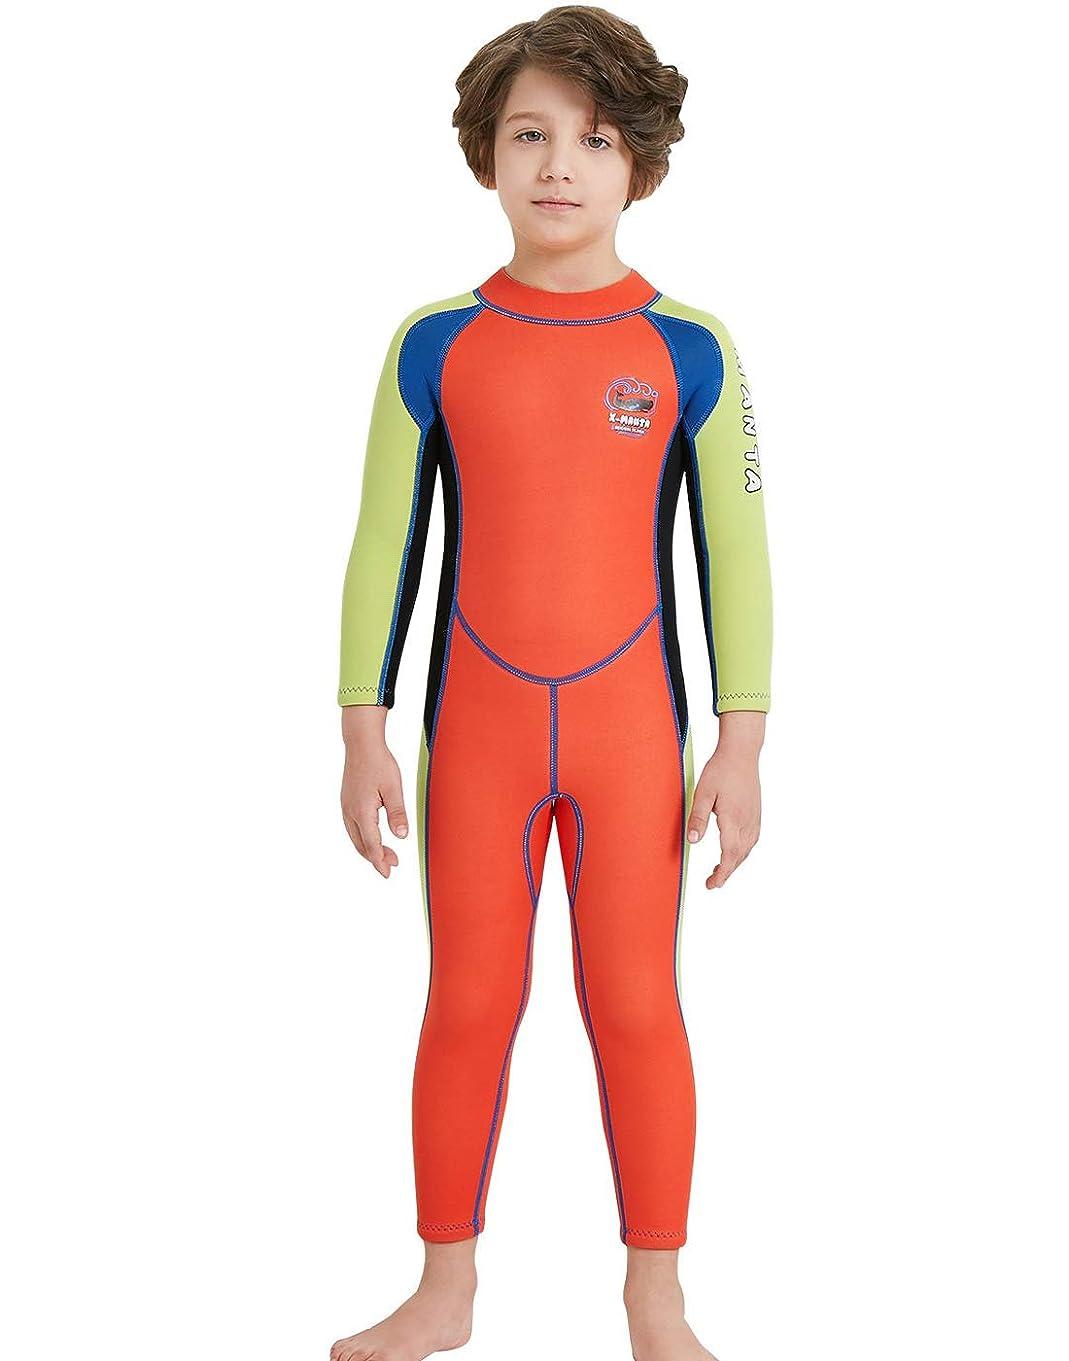 構築するそよ風騒ウェットスーツ 子ども用 2.5mm フルスーツ 長袖 マリンスポーツ ダイビングスーツ